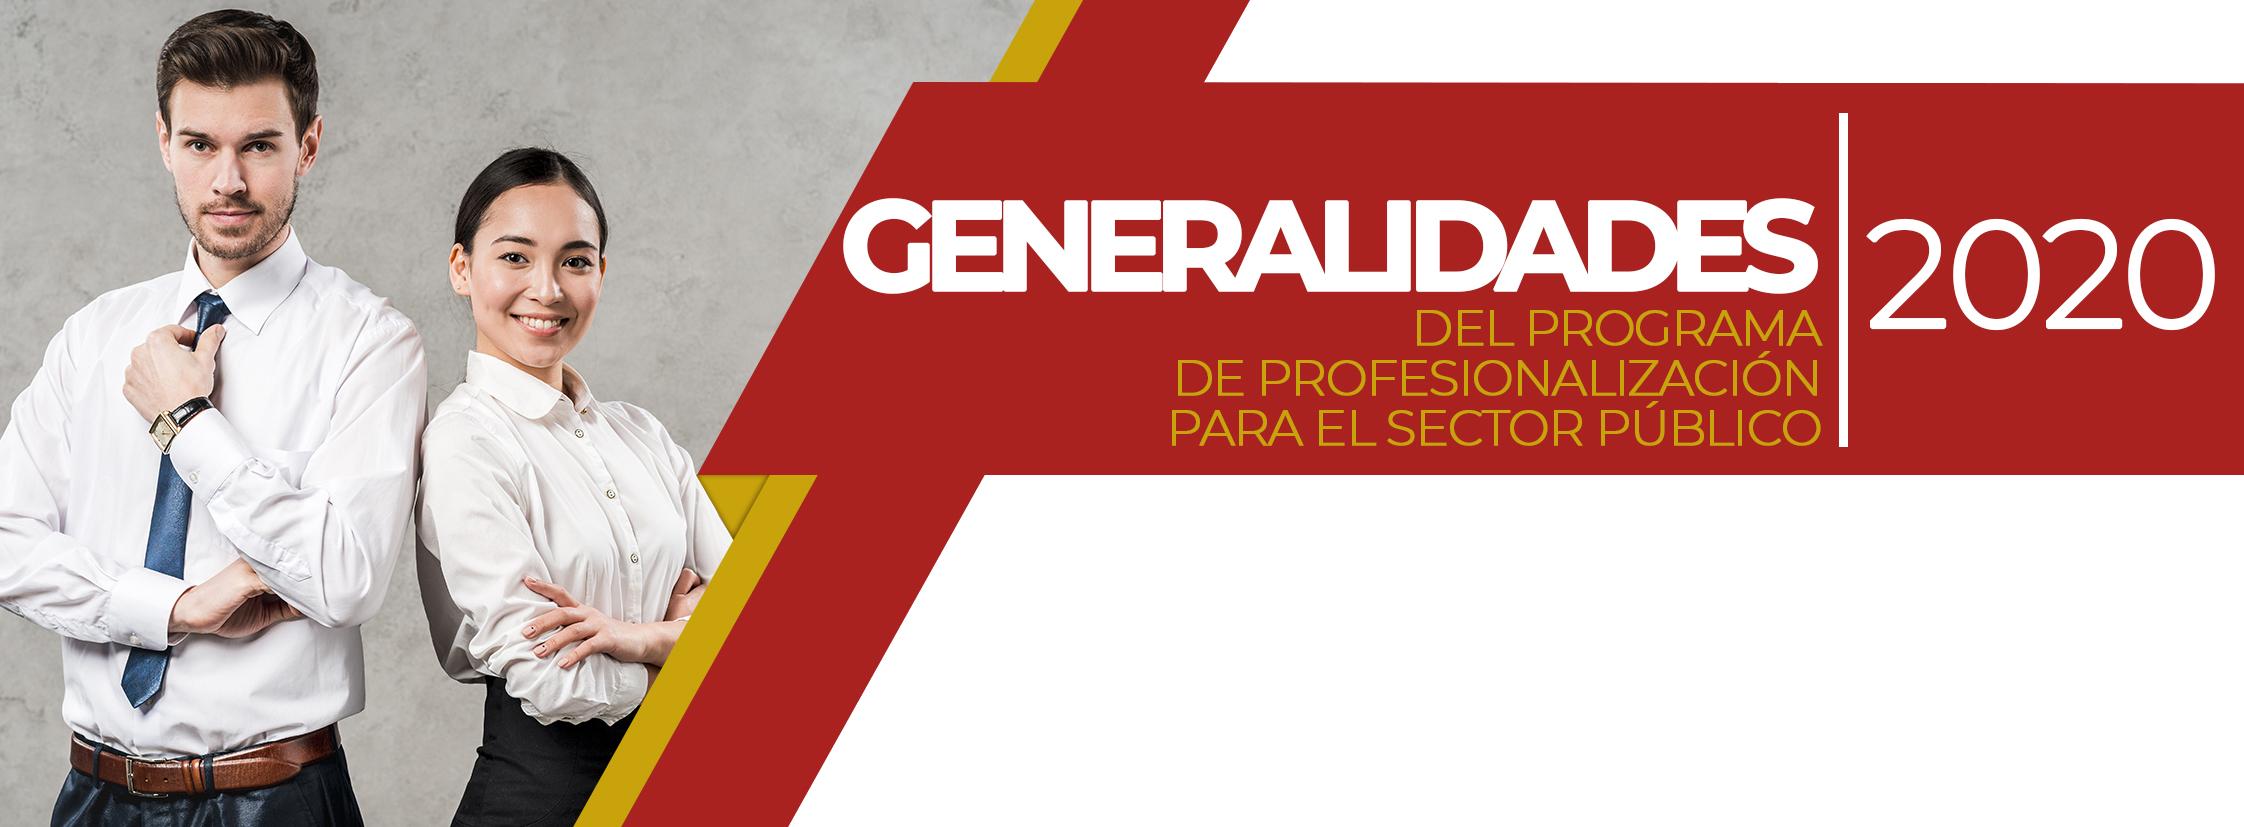 1-Baner x sección-GENERALIDADES